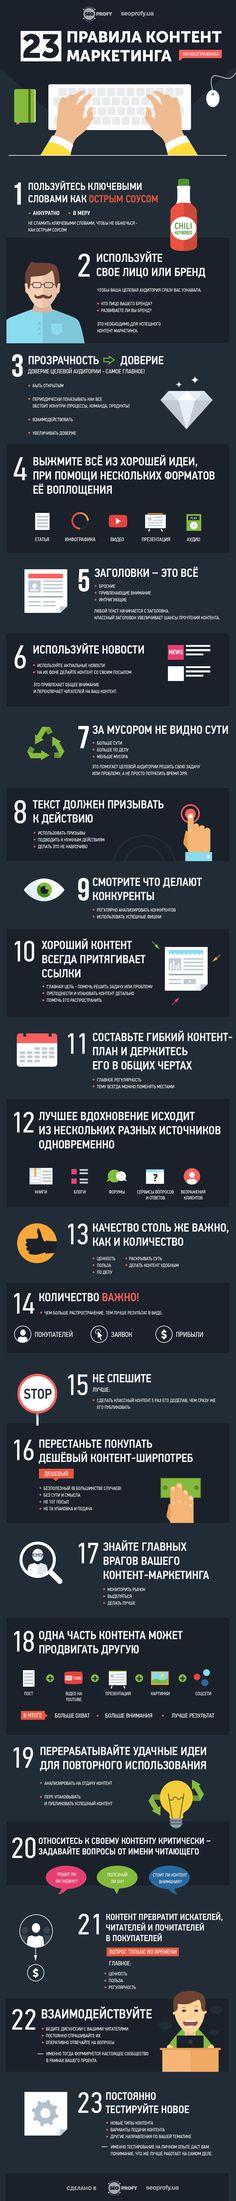 Как работает контент маркетинг. 23 правила контент маркетинга…